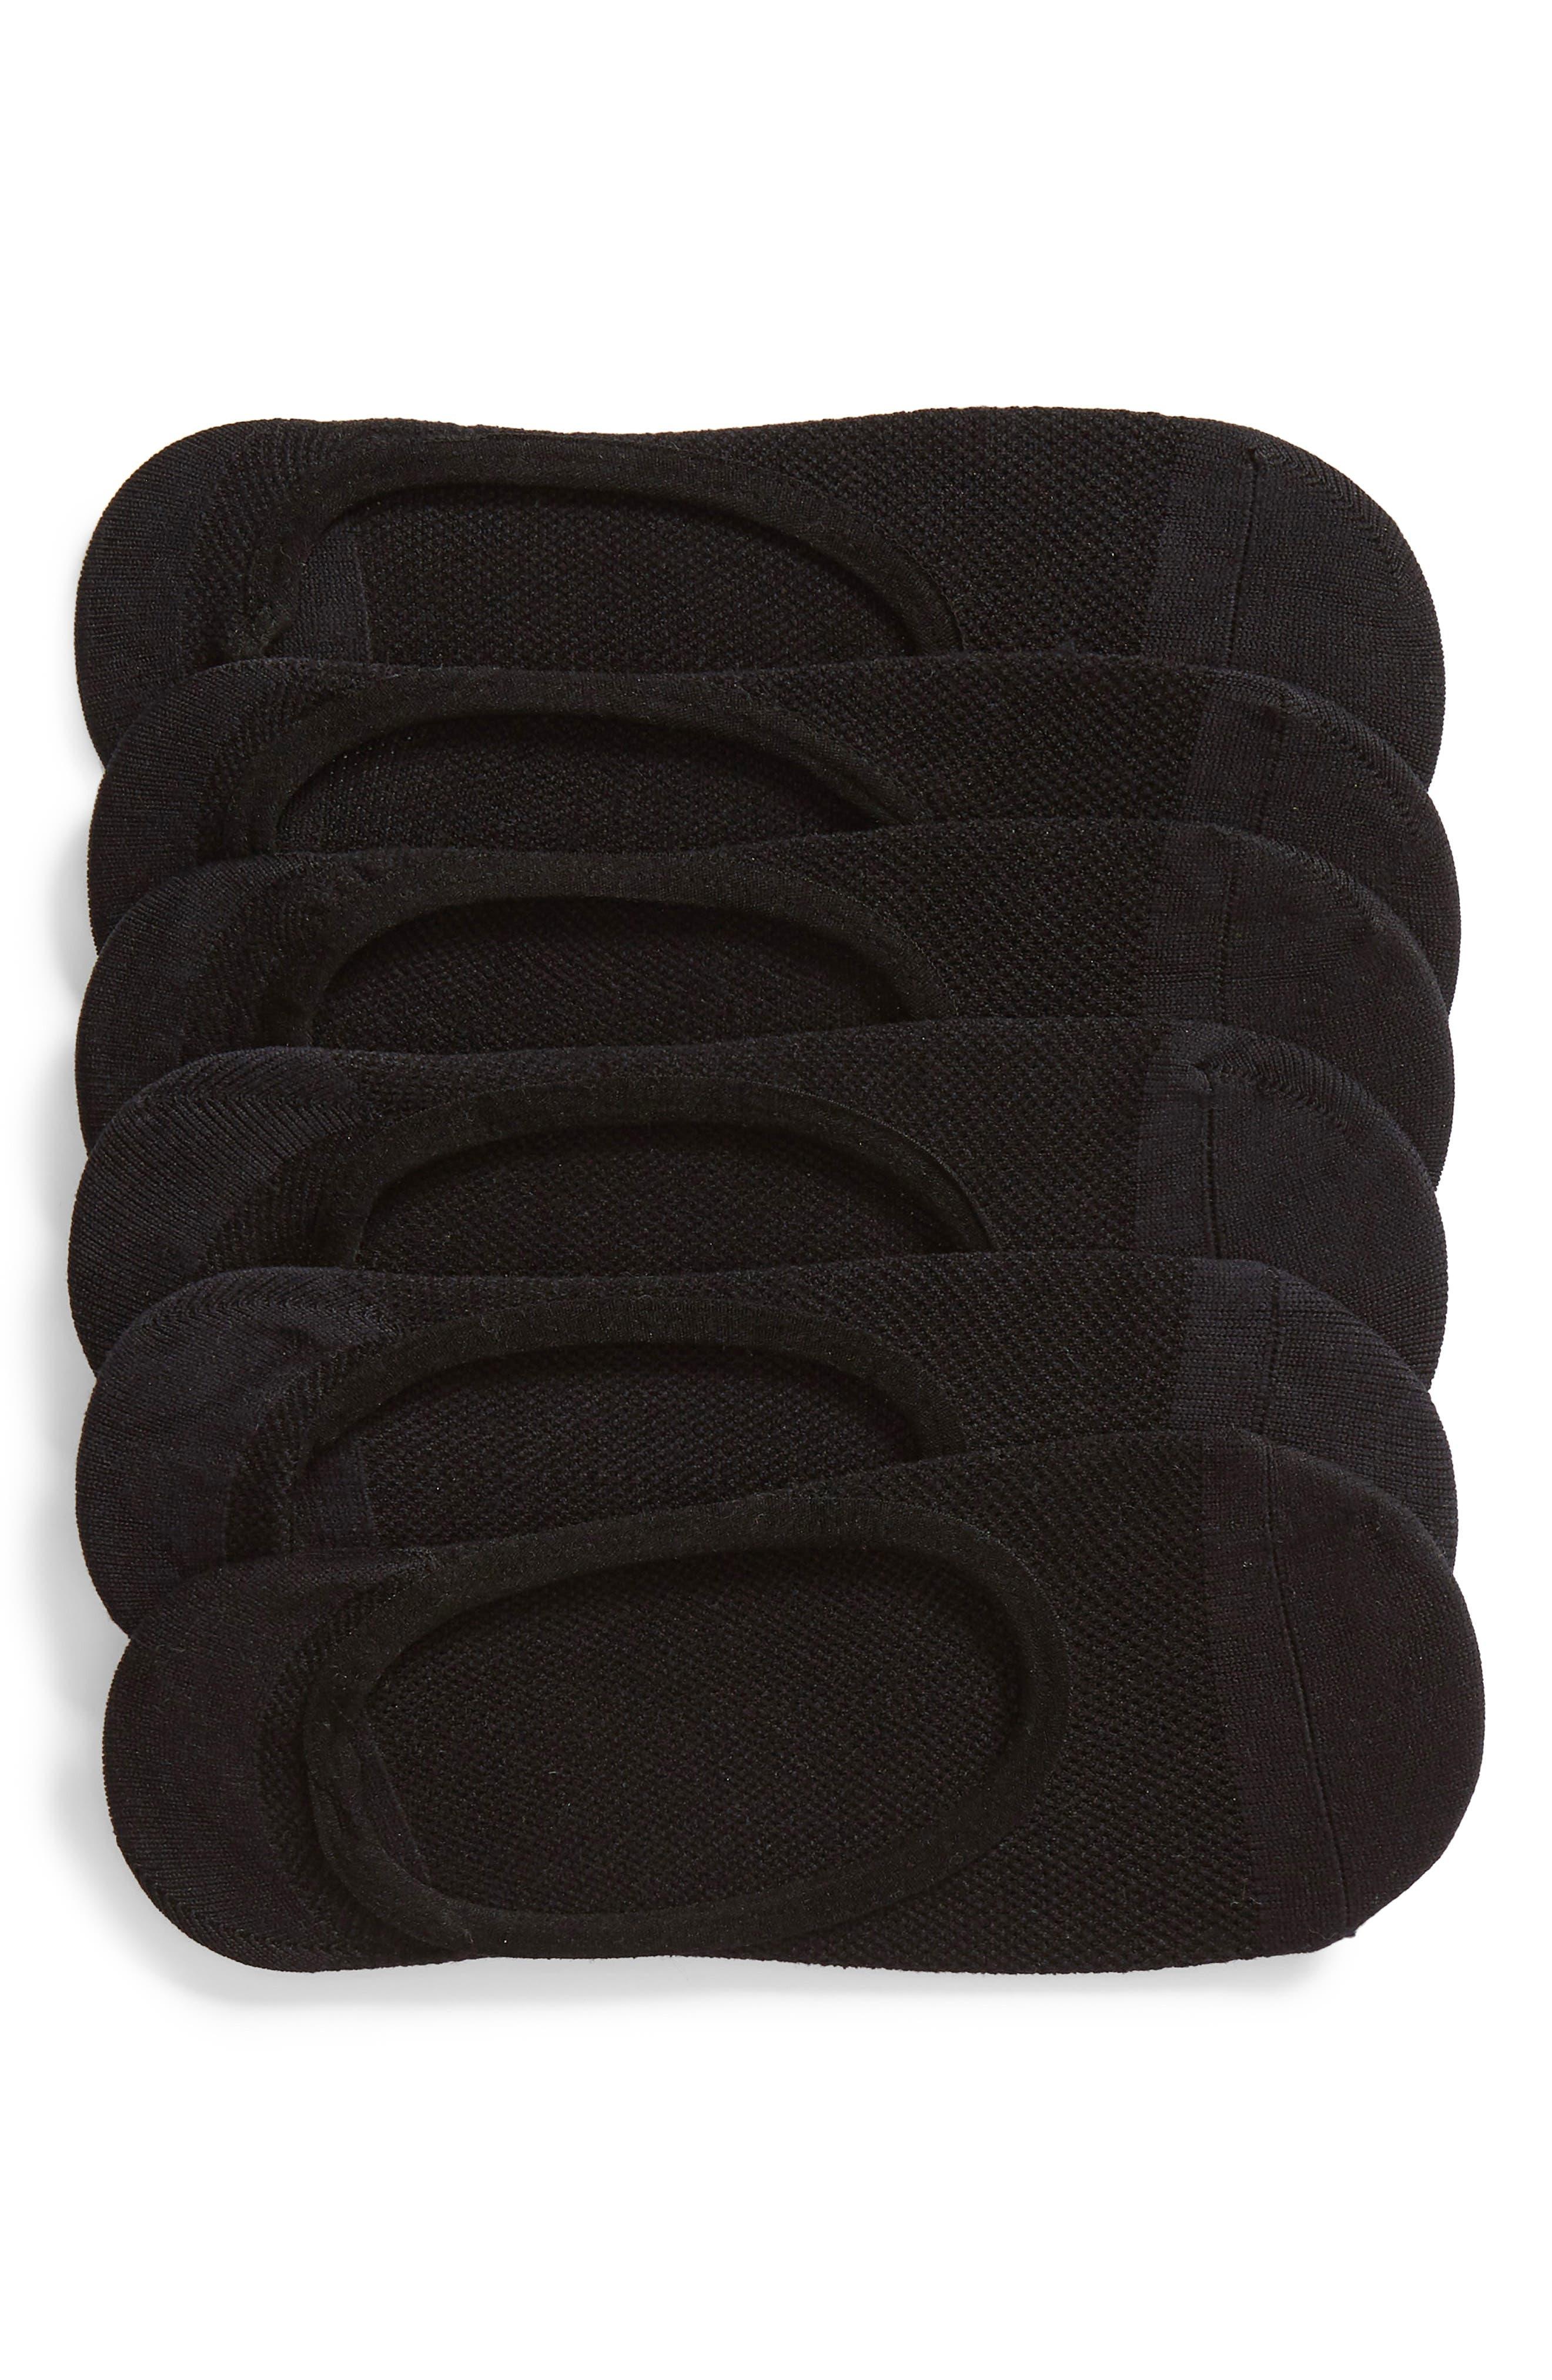 6-Pack No-Show Liner Socks, Main, color, BLACK